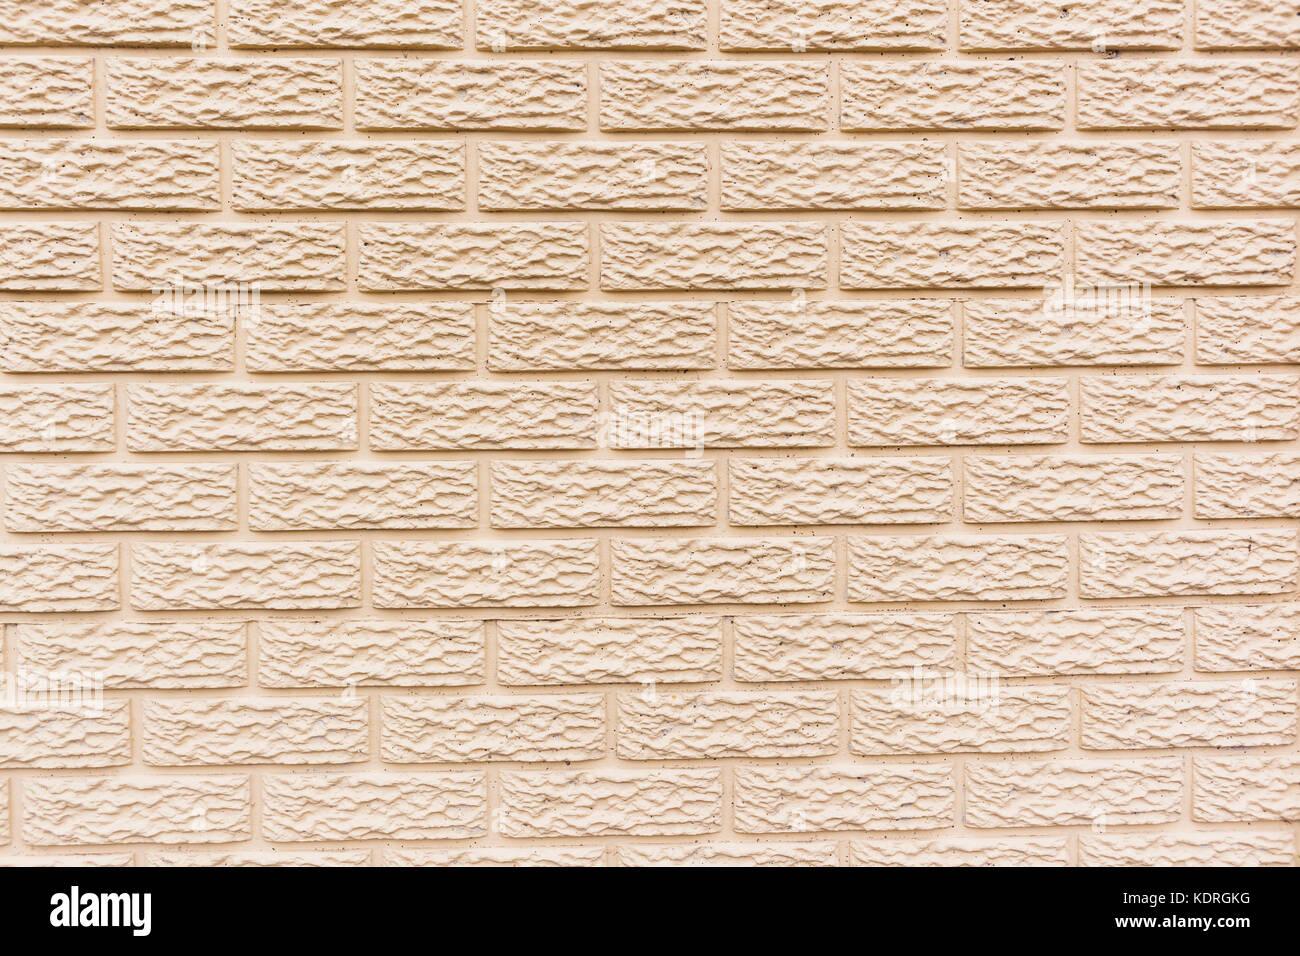 Mur Brique Lattes Moule Libre Des Couleurs Pastel Beige Peinture